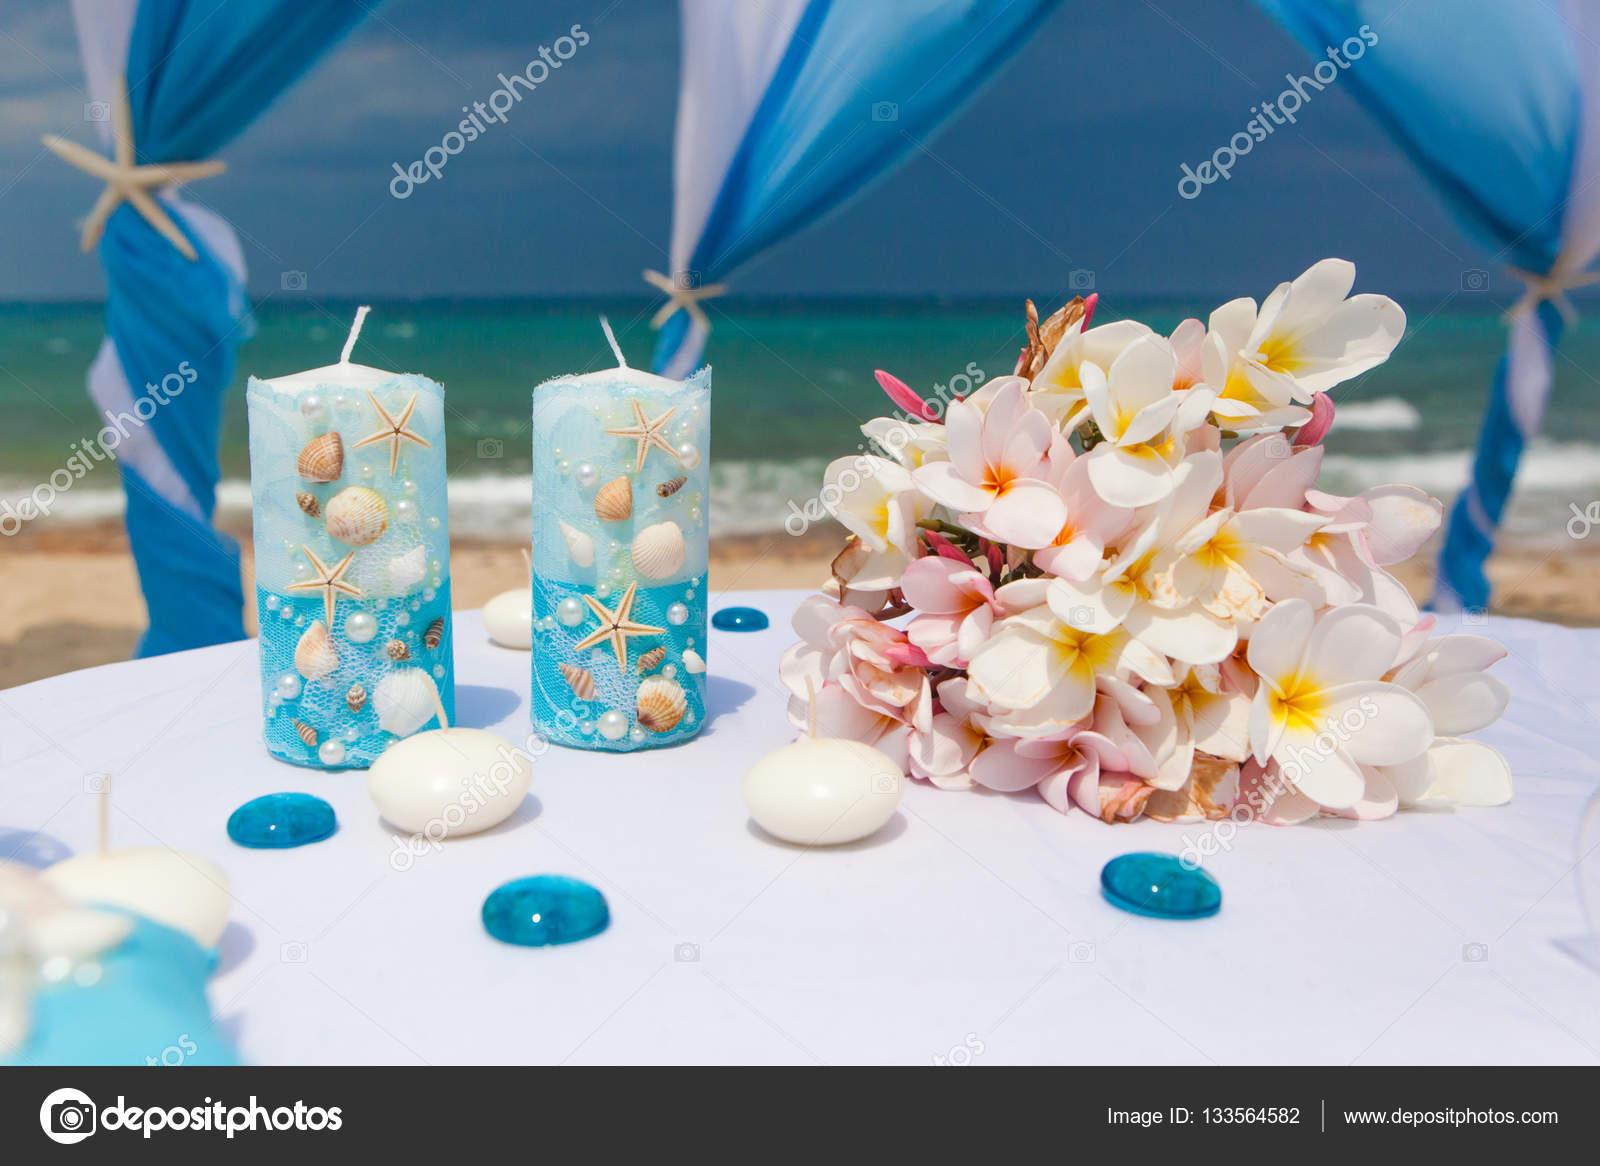 Matrimonio Spiaggia Decorazioni : Decorazioni per il matrimonio in spiaggia u foto stock